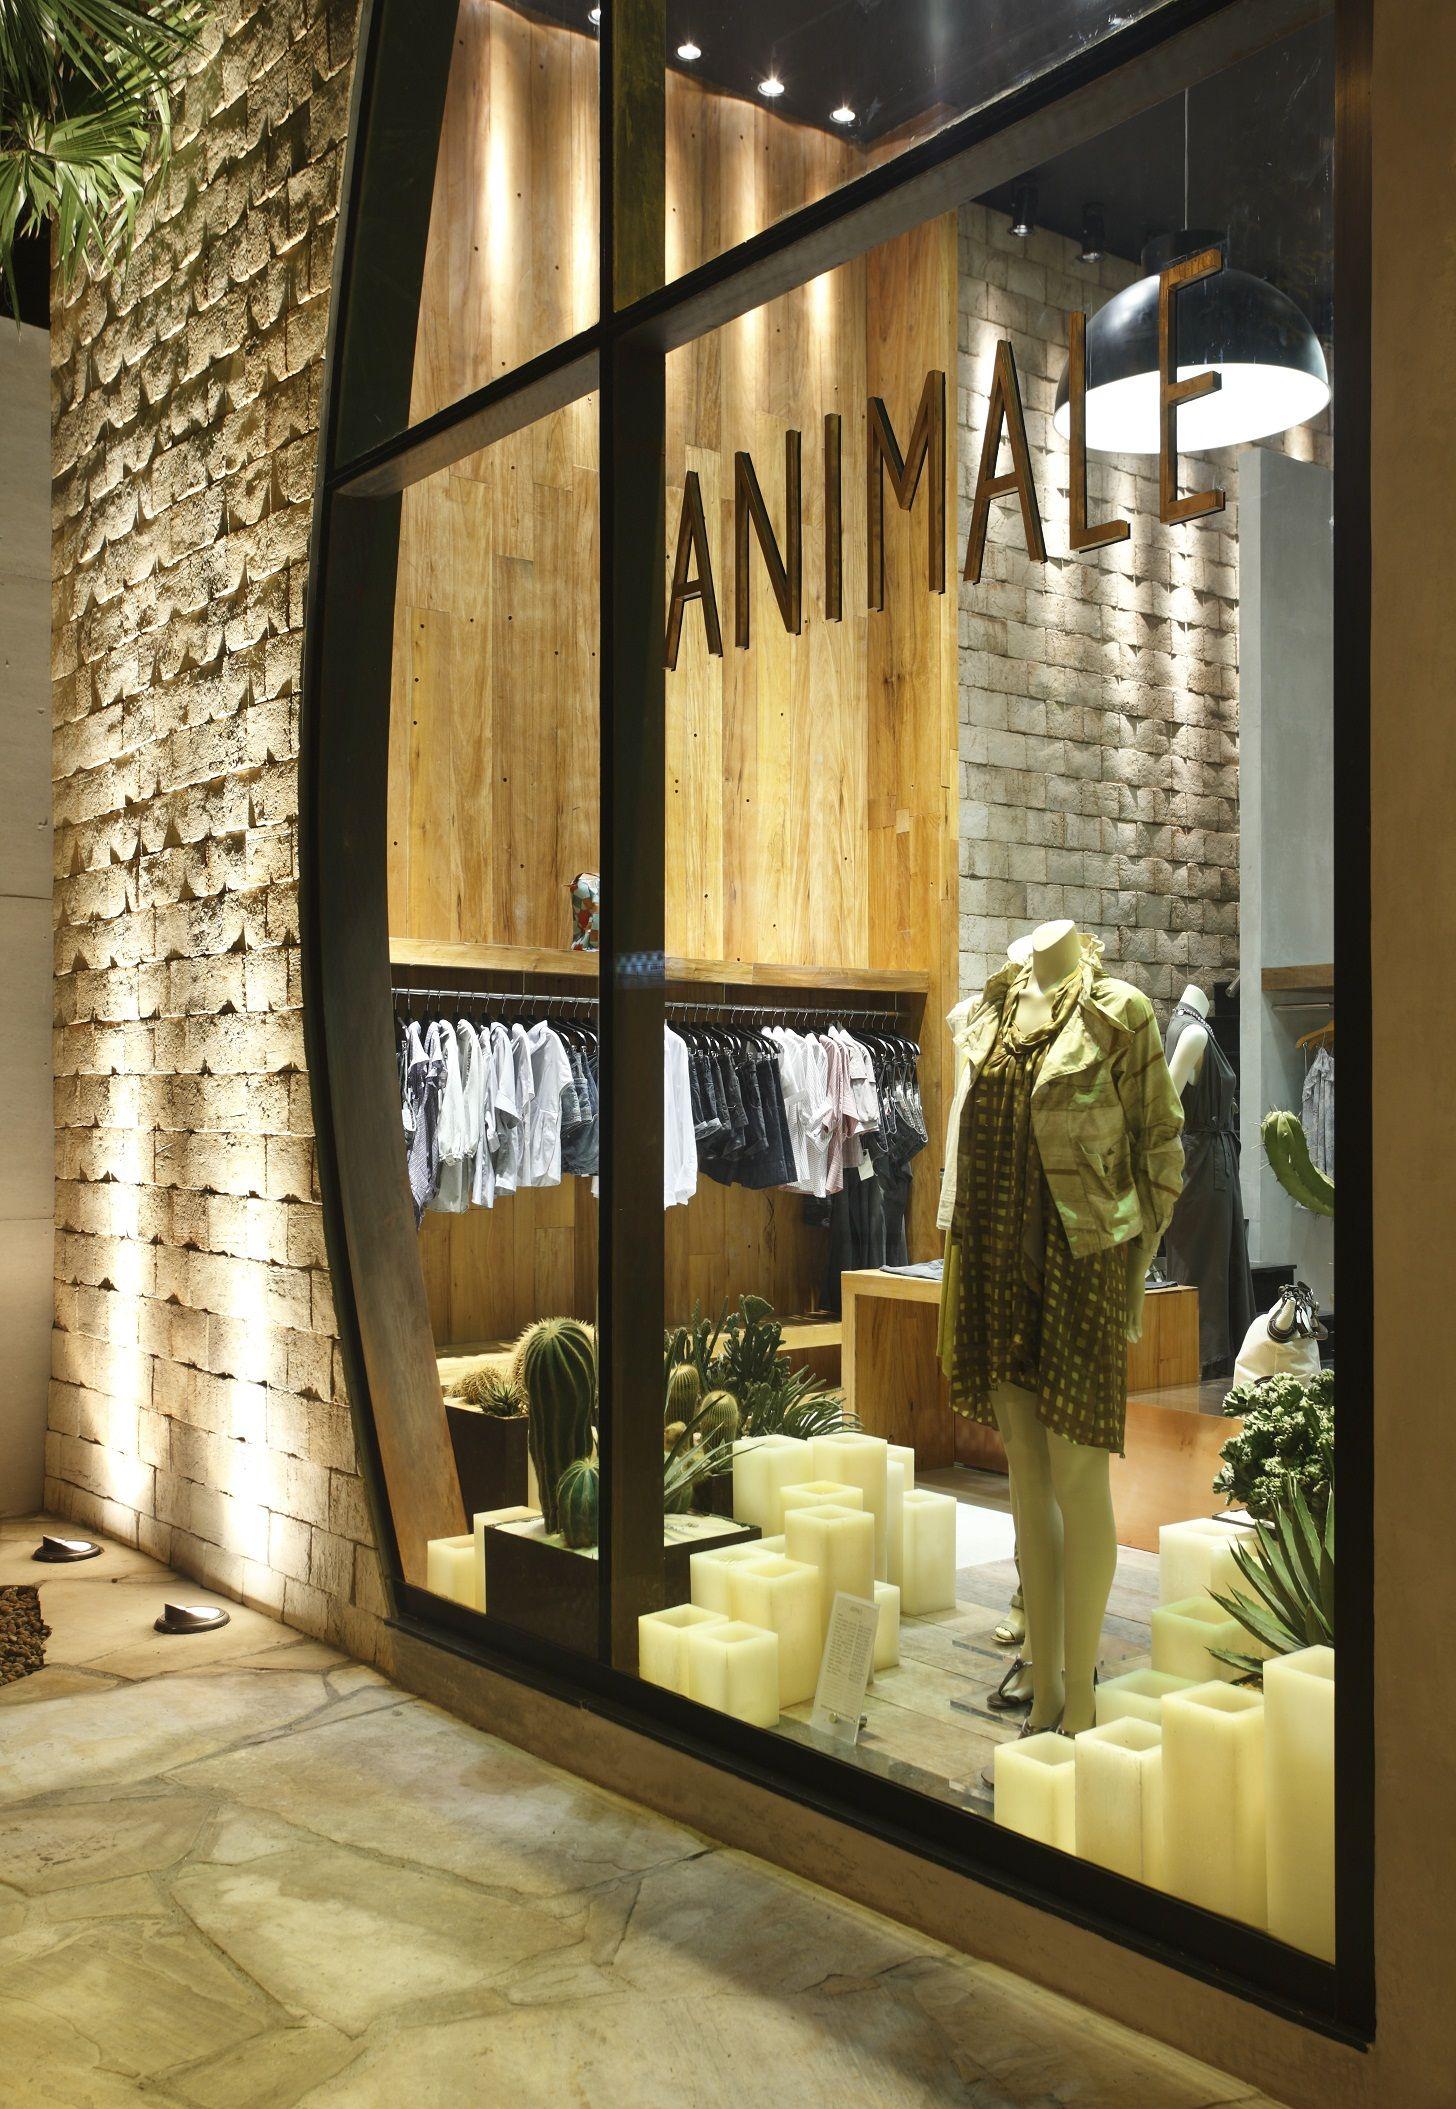 Animale, Icaraí, Niterói, RJ   Design By Santa Irreverência | Retail In  Brazil / Varejo No Brasil | Pinterest